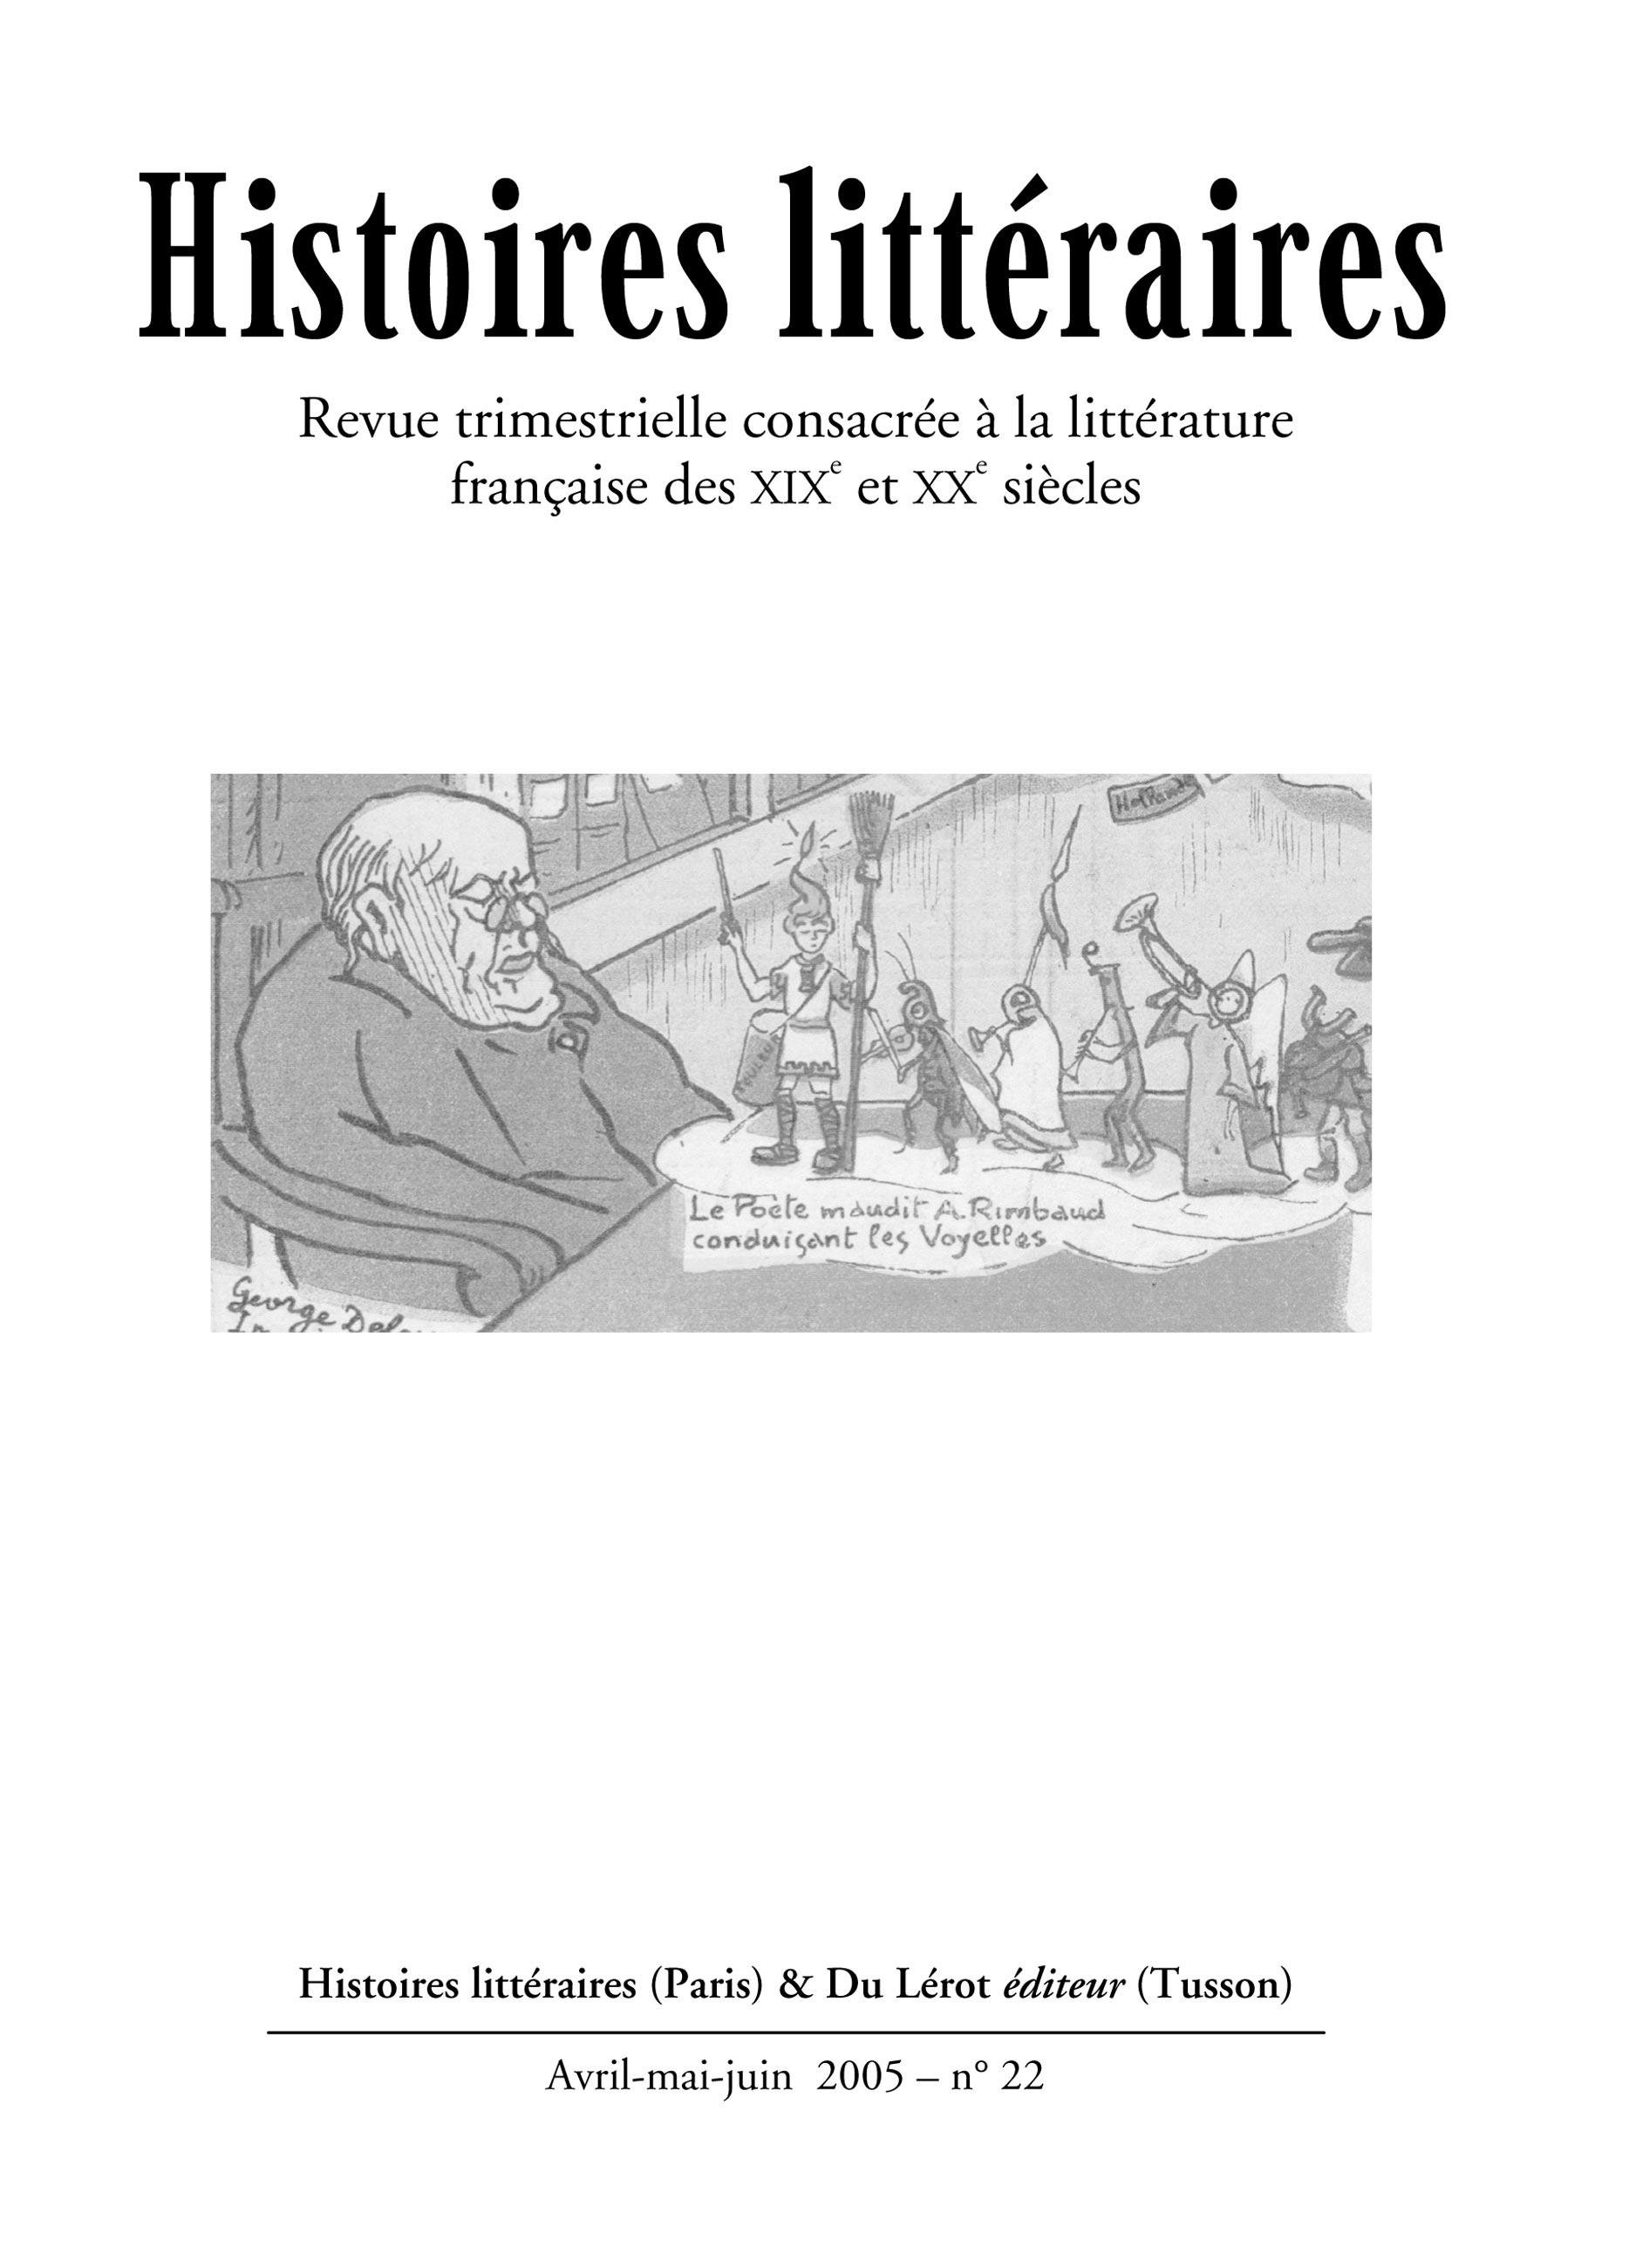 Couverture d'Histoires littéraires n°22